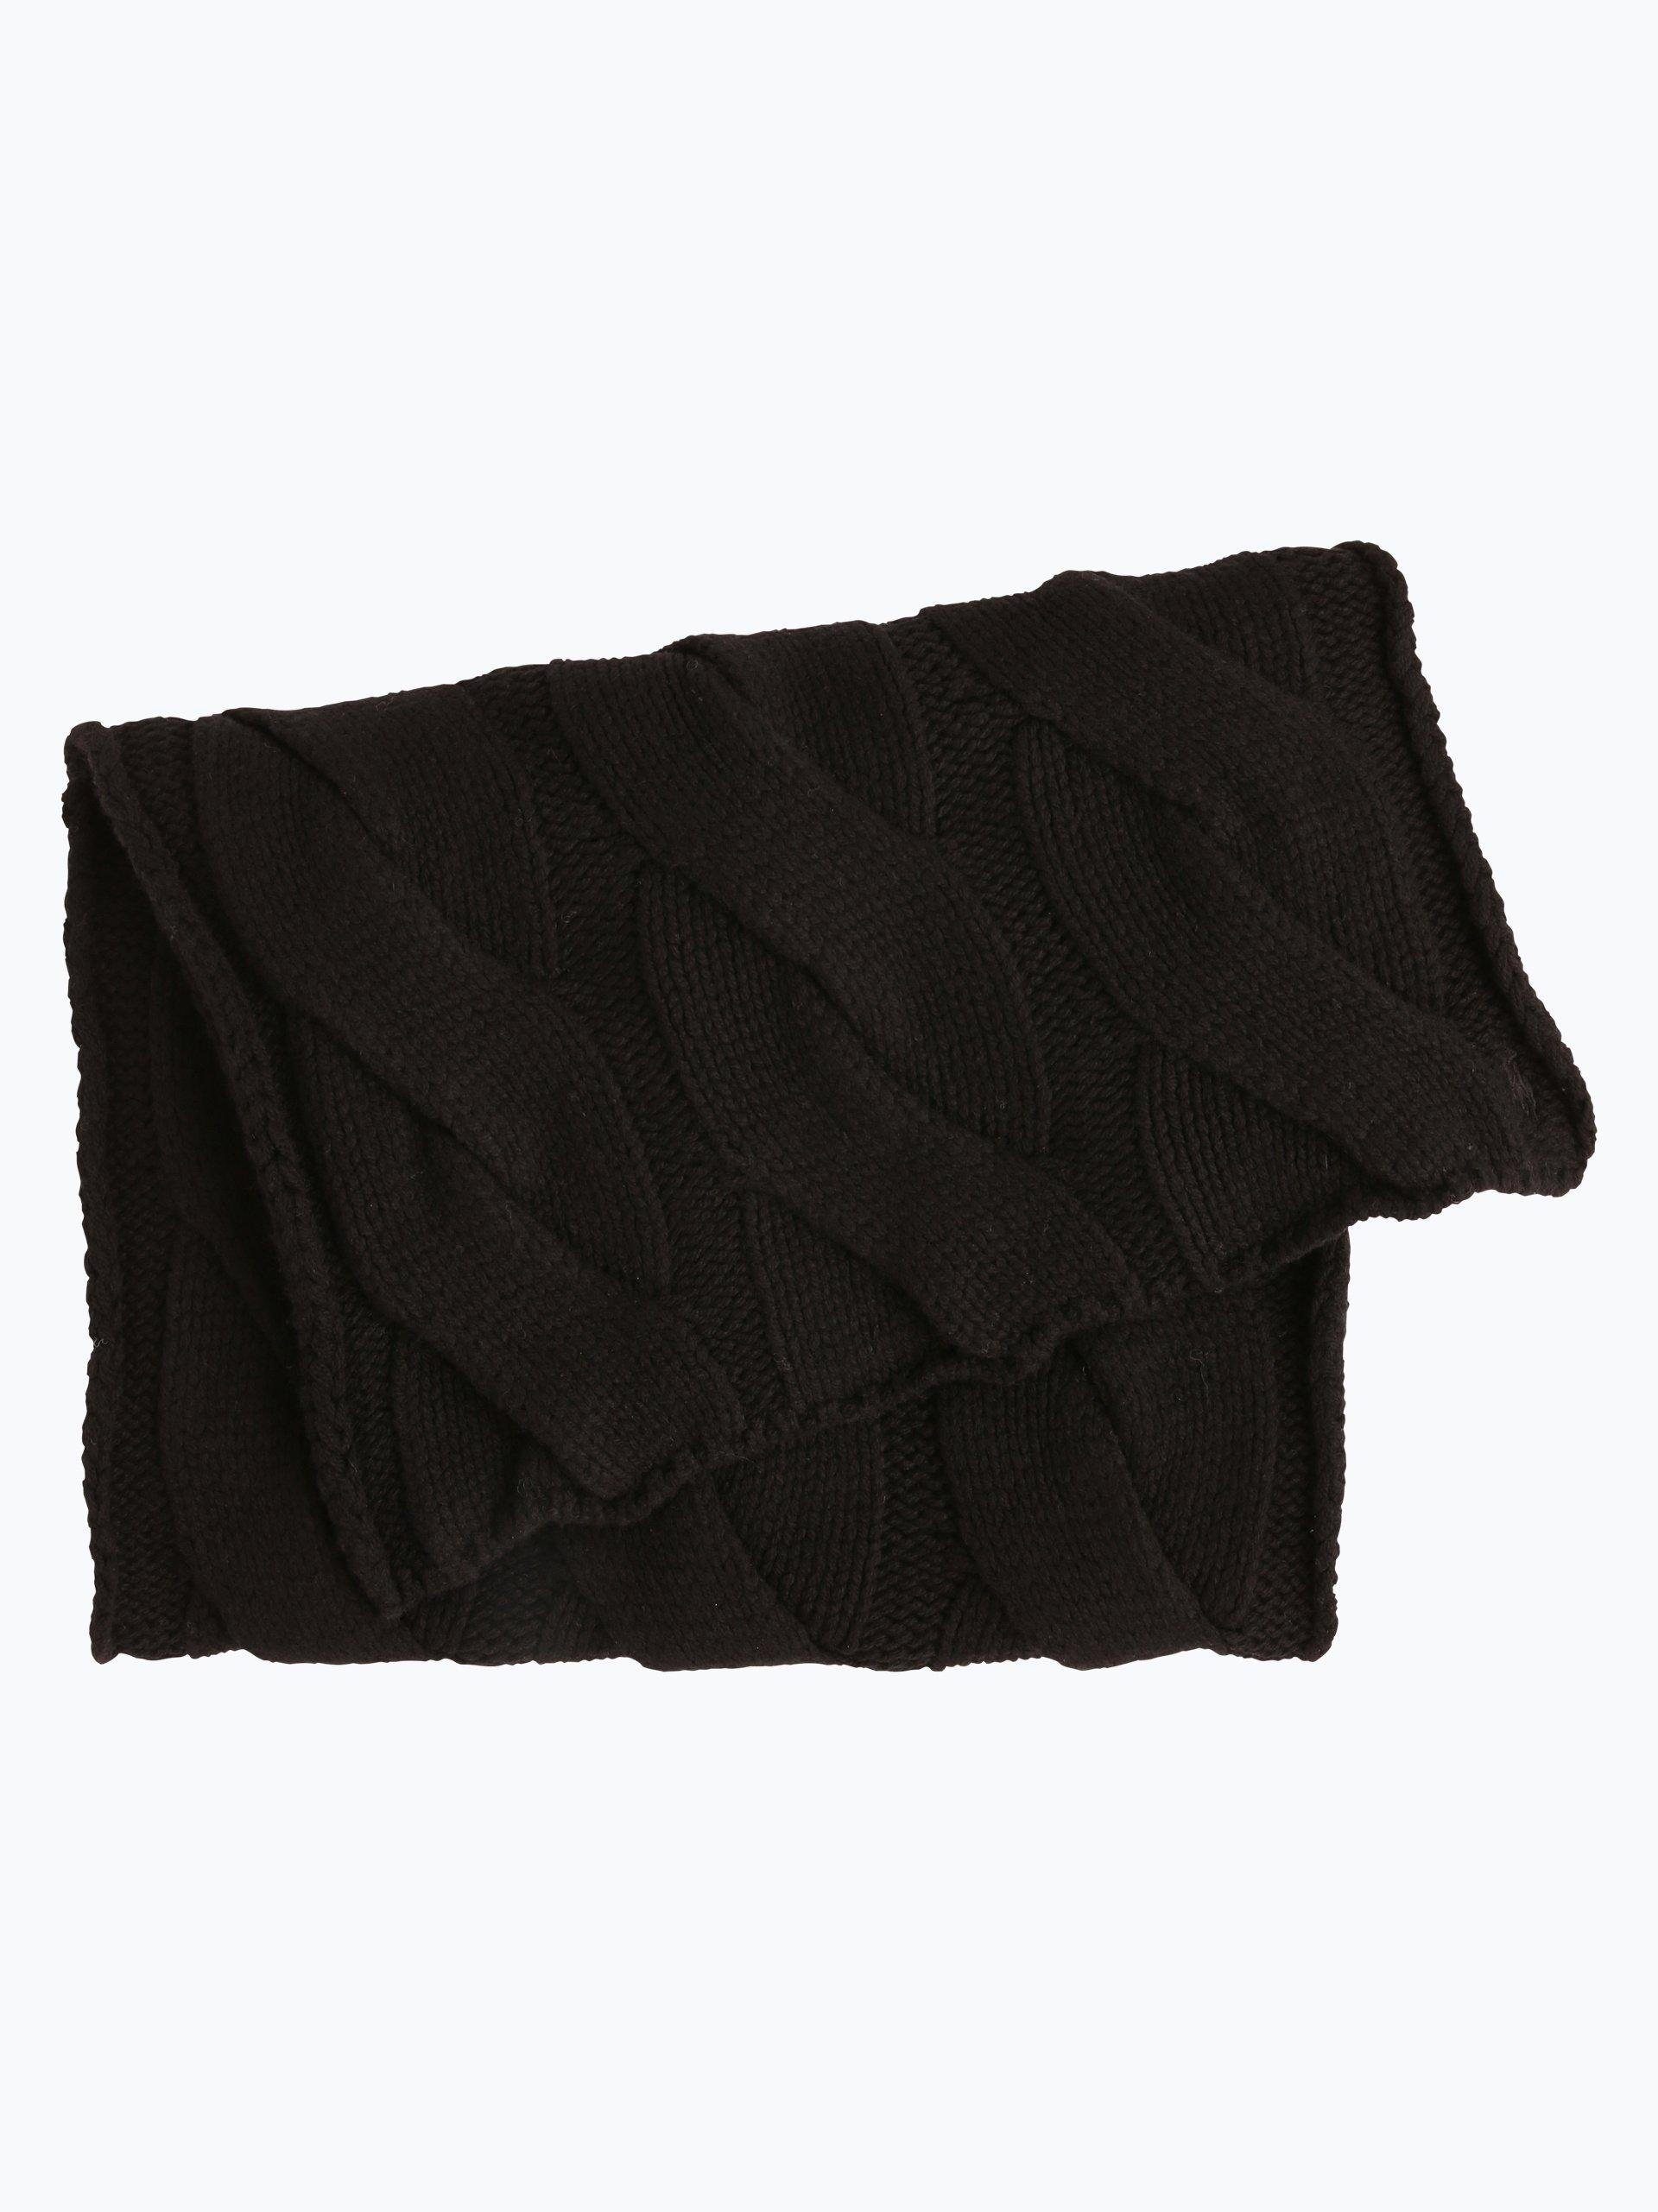 polo ralph lauren damen schal schwarz uni online kaufen vangraaf com. Black Bedroom Furniture Sets. Home Design Ideas